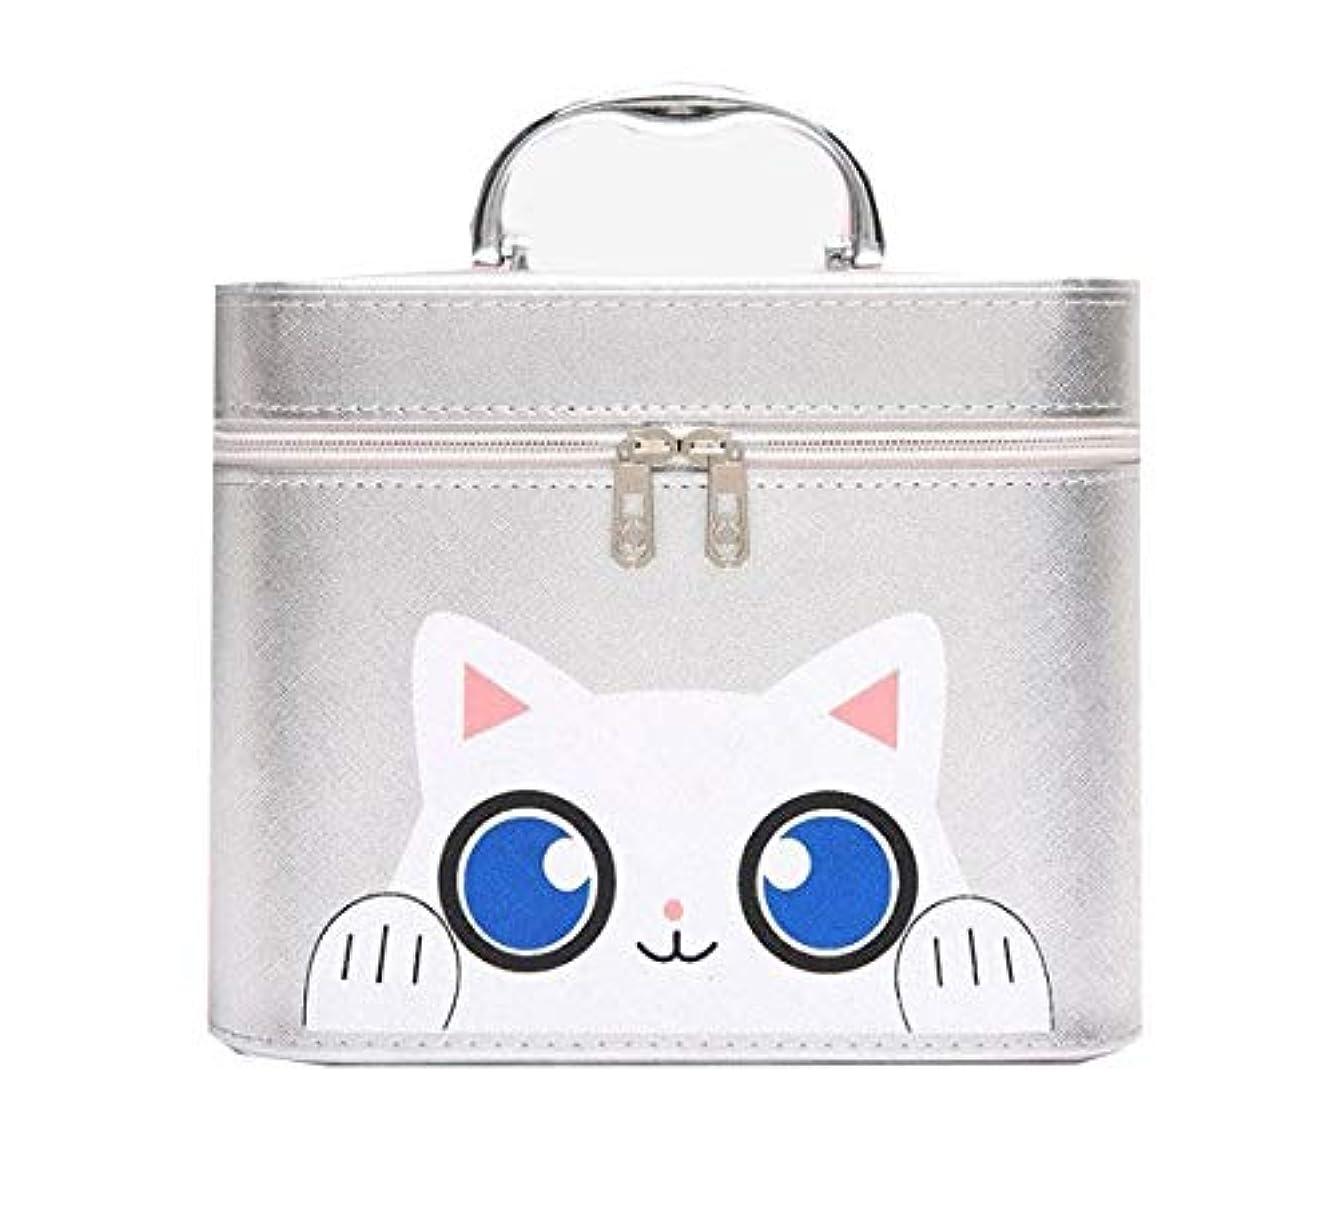 プライバシー亡命つぶやき化粧箱、シルバー漫画猫化粧品ケース、ポータブル旅行化粧品ケース、美容ネイルジュエリー収納ボックス (Size : L)